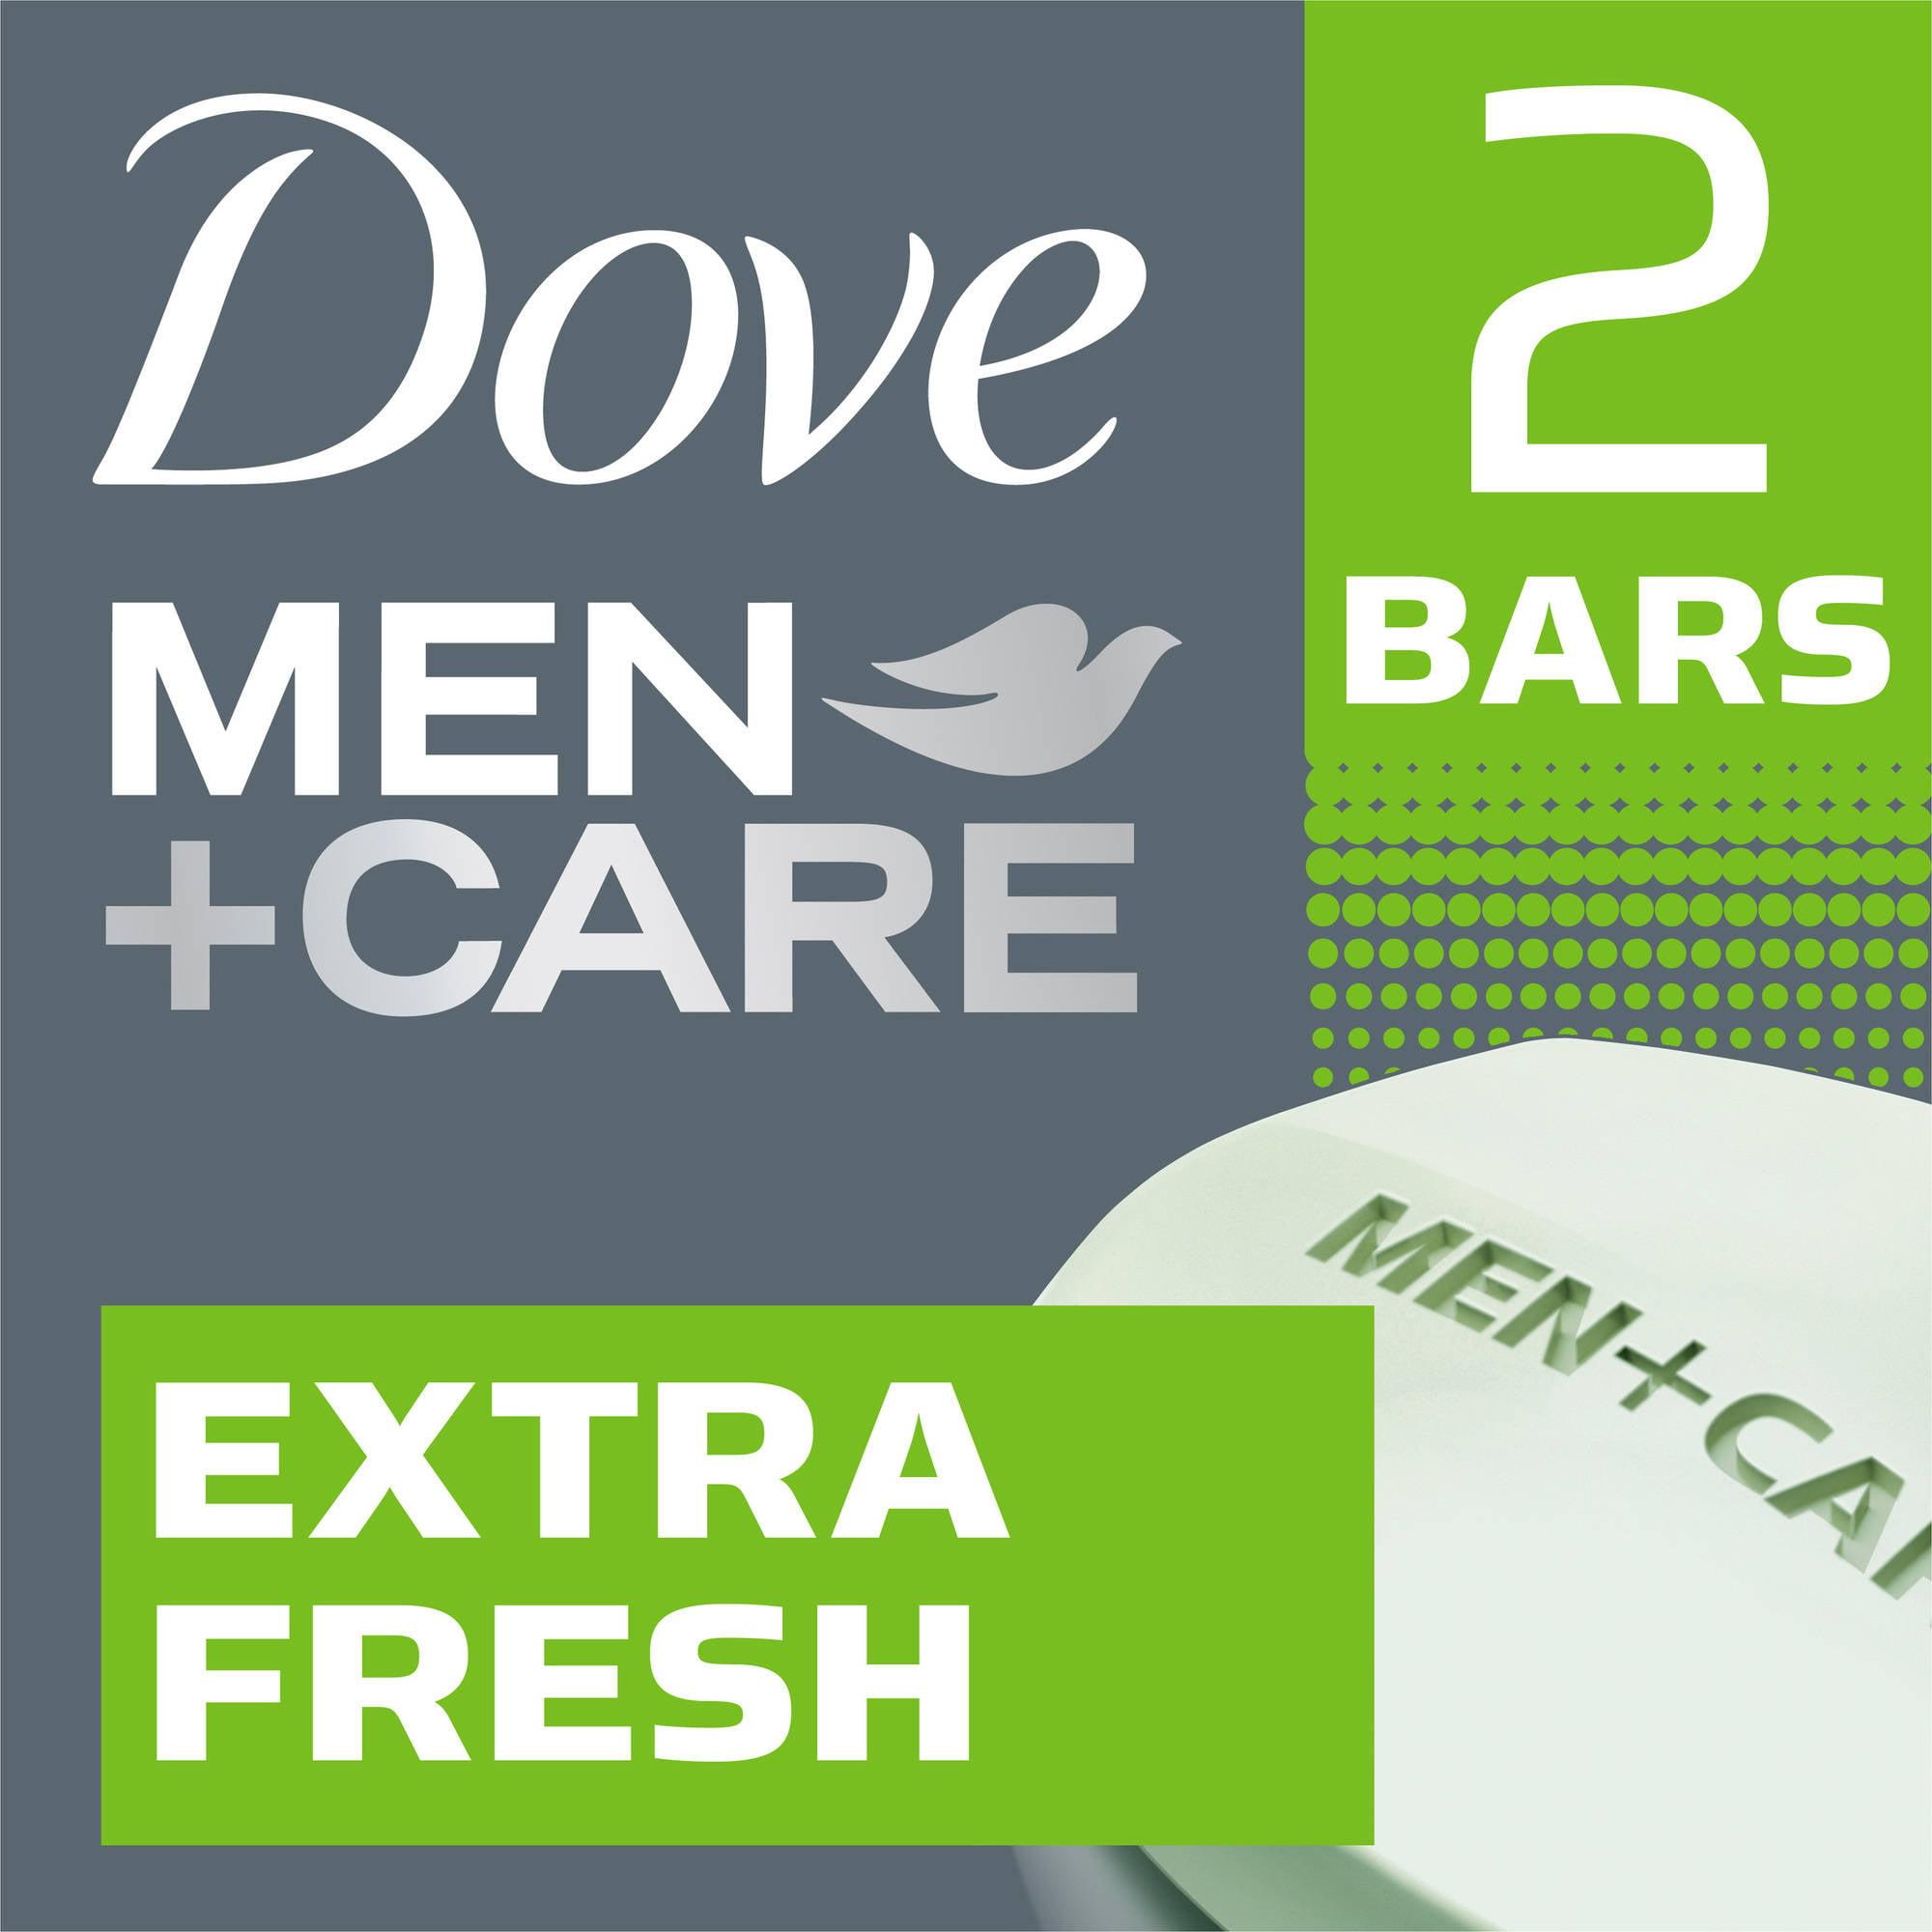 Dove Men+Care Extra Fresh Body and Face Bar, 4 oz, 2 Bar